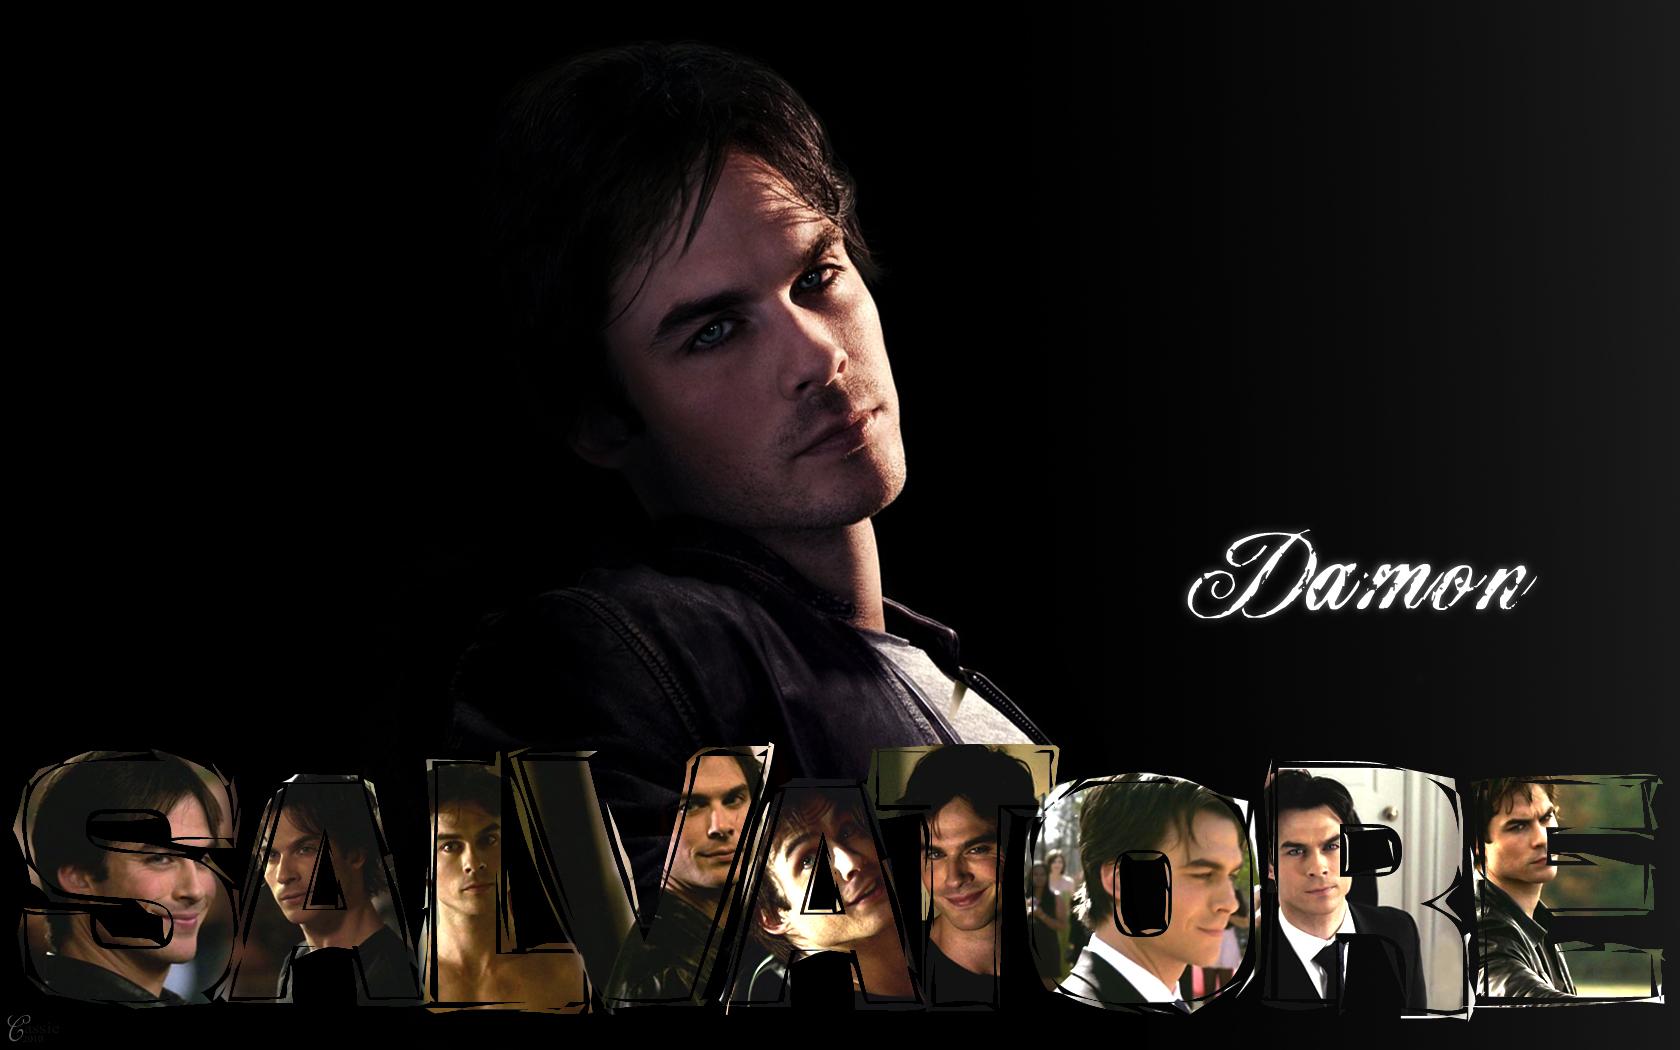 The Vampire Diaries   The Vampire Diaries Wallpaper 24771516 1680x1050